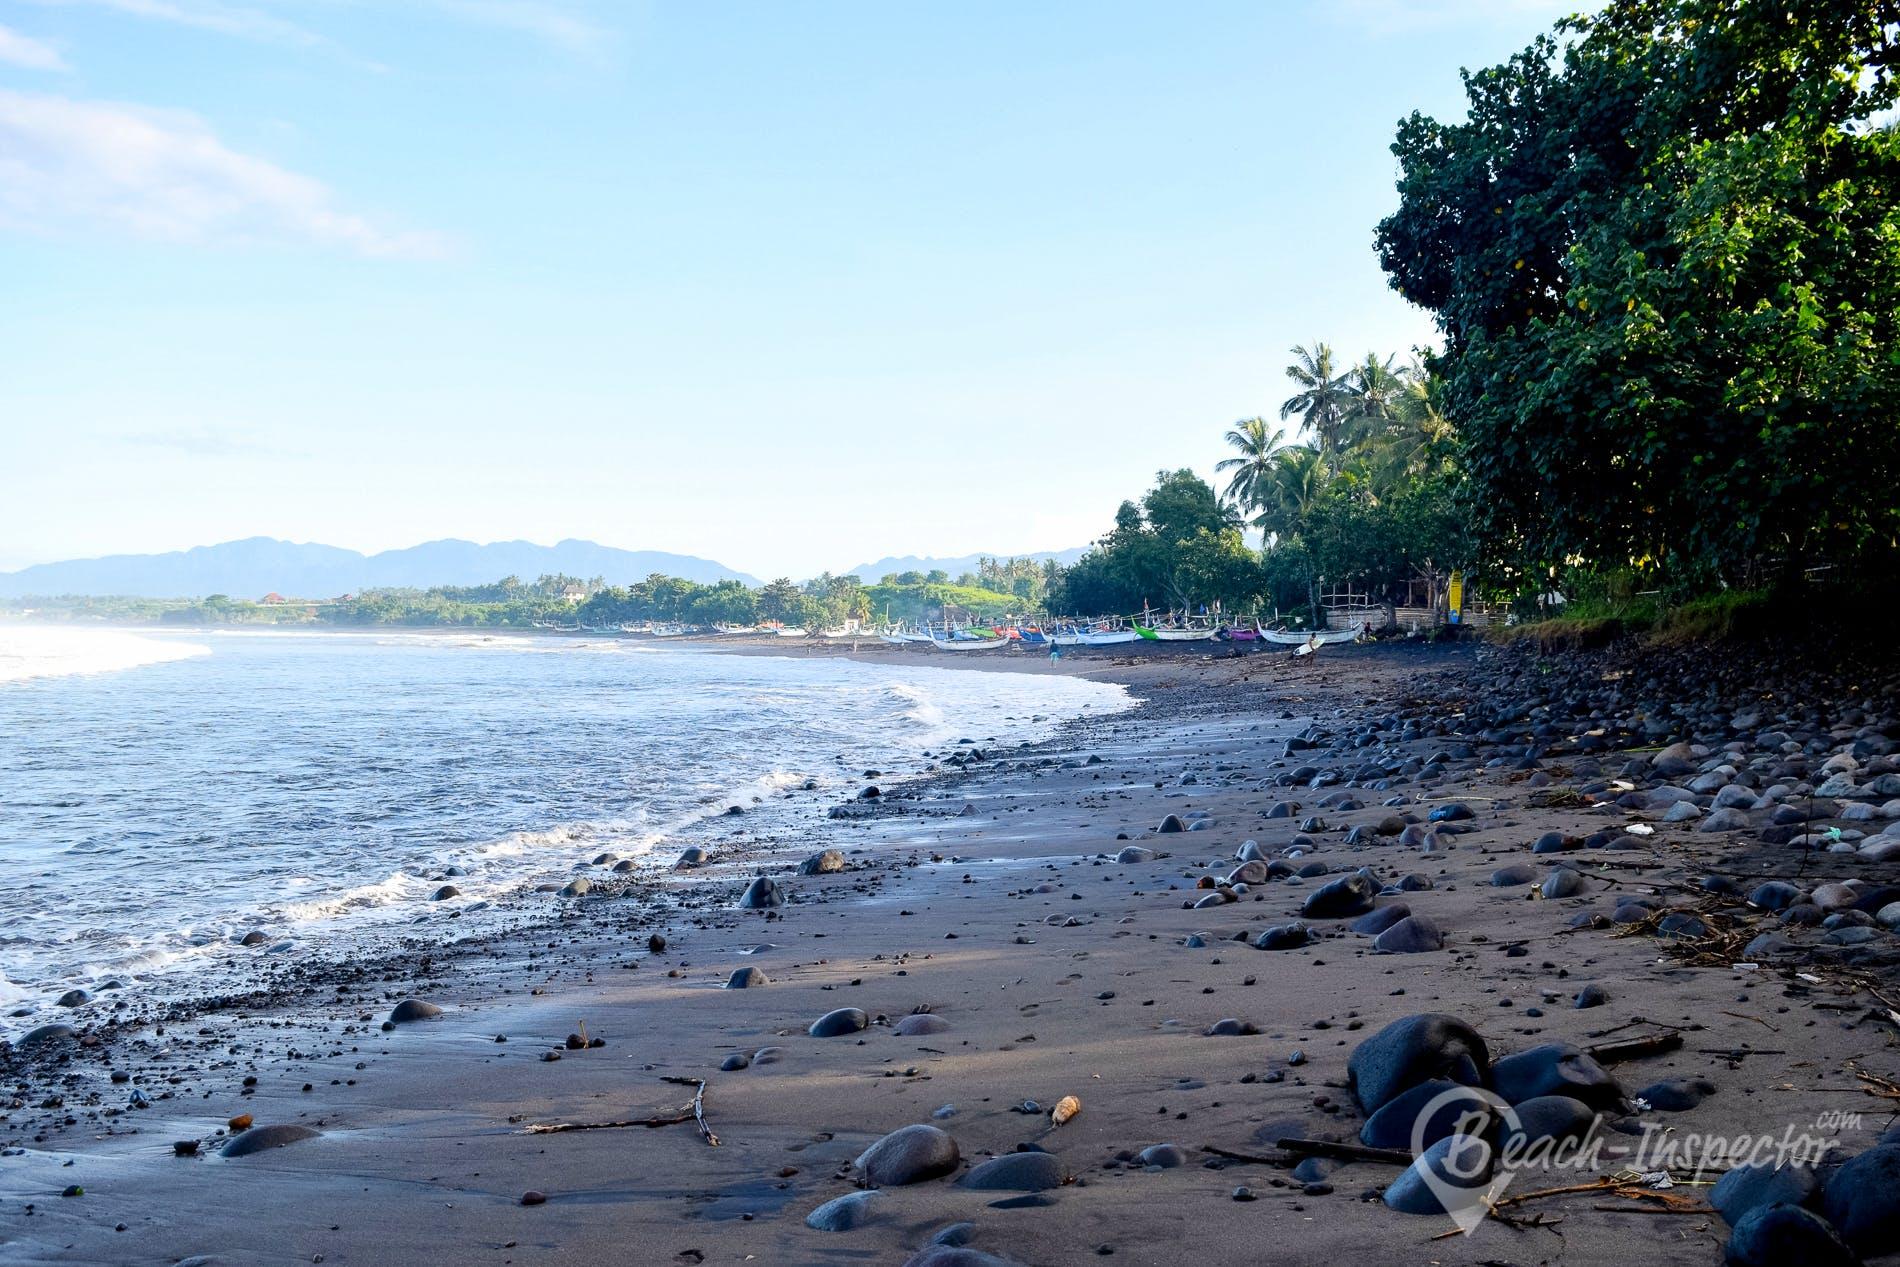 Beach Medewi Beach, Bali, Indonesia